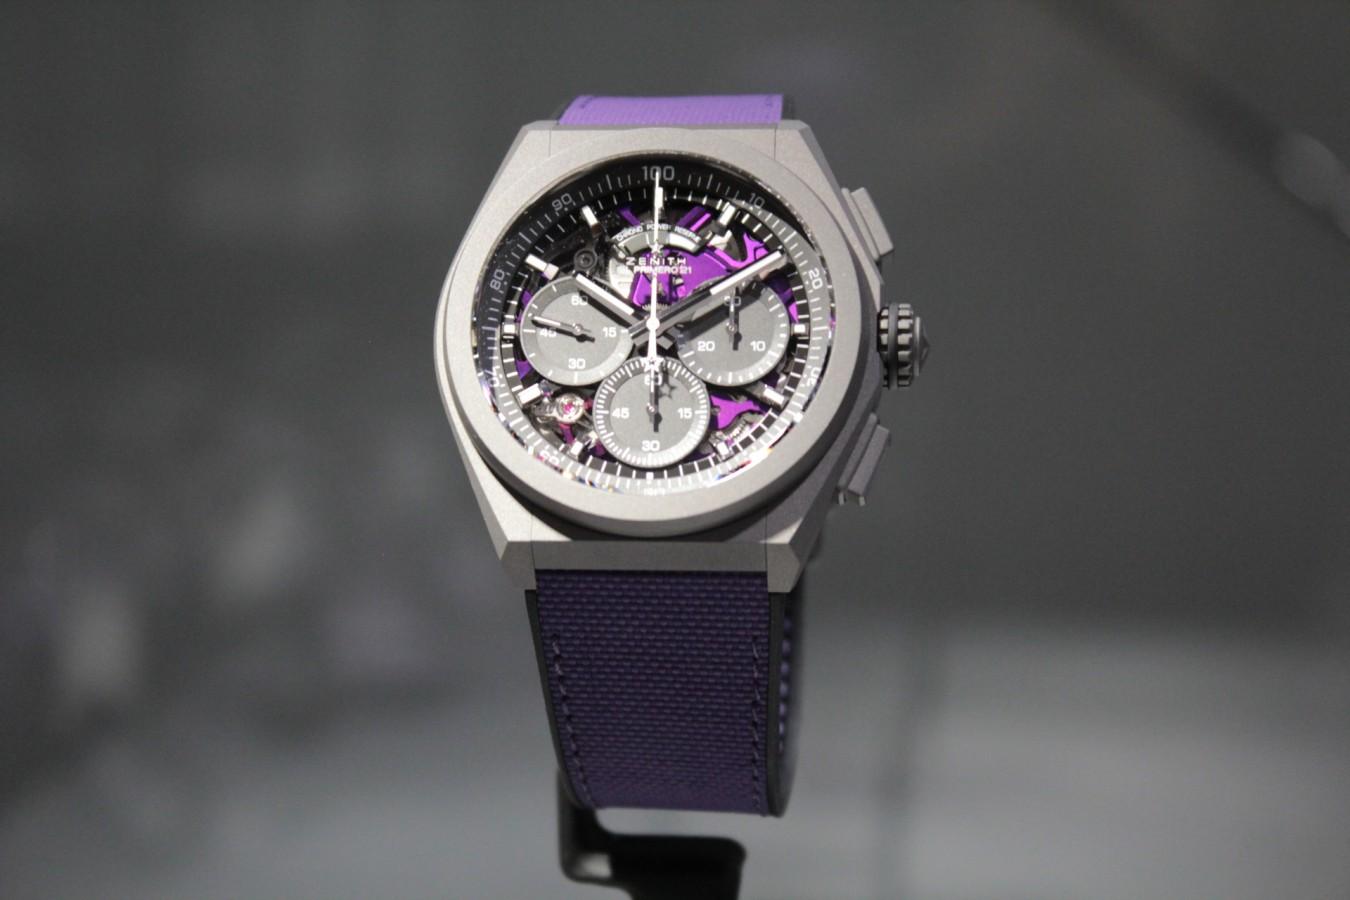 IMG_4799 紫色が美しい!2020年新作「デファイ エル・プリメロ21 ULTRA VIOLET」入荷しました!! - DEFY